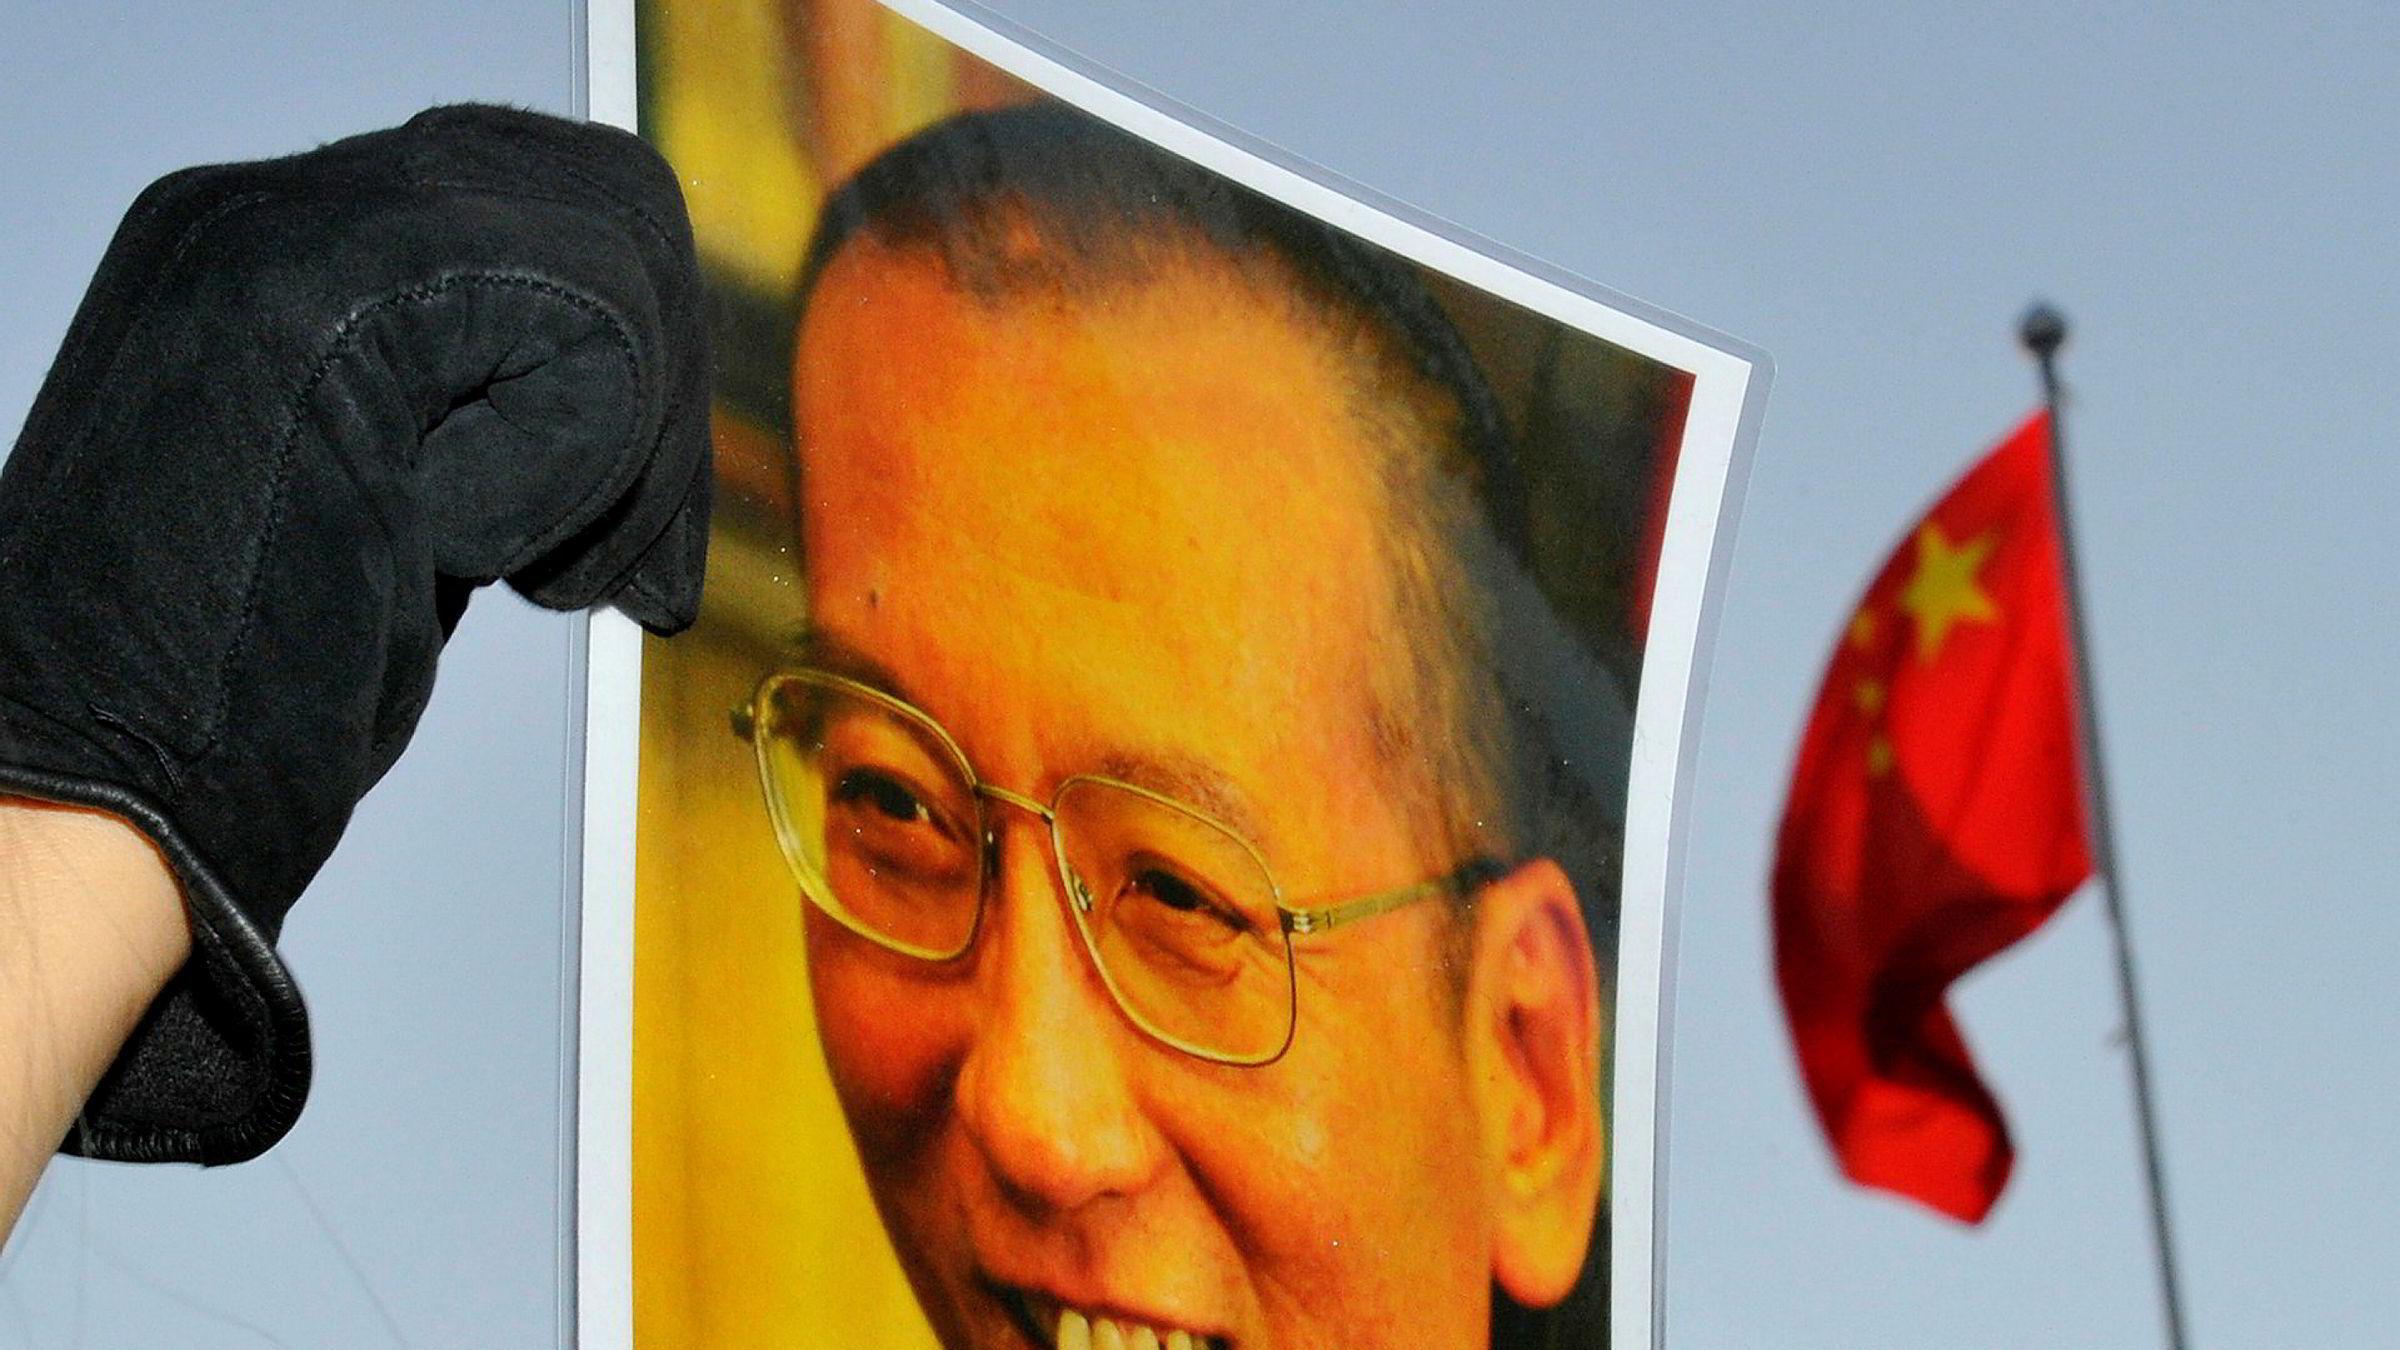 Fredsprisvinner Liu Xiaobo er alvorlig kreftsyk. USA anmoder Kina om at han får bevege seg fritt og selv velge sine leger.